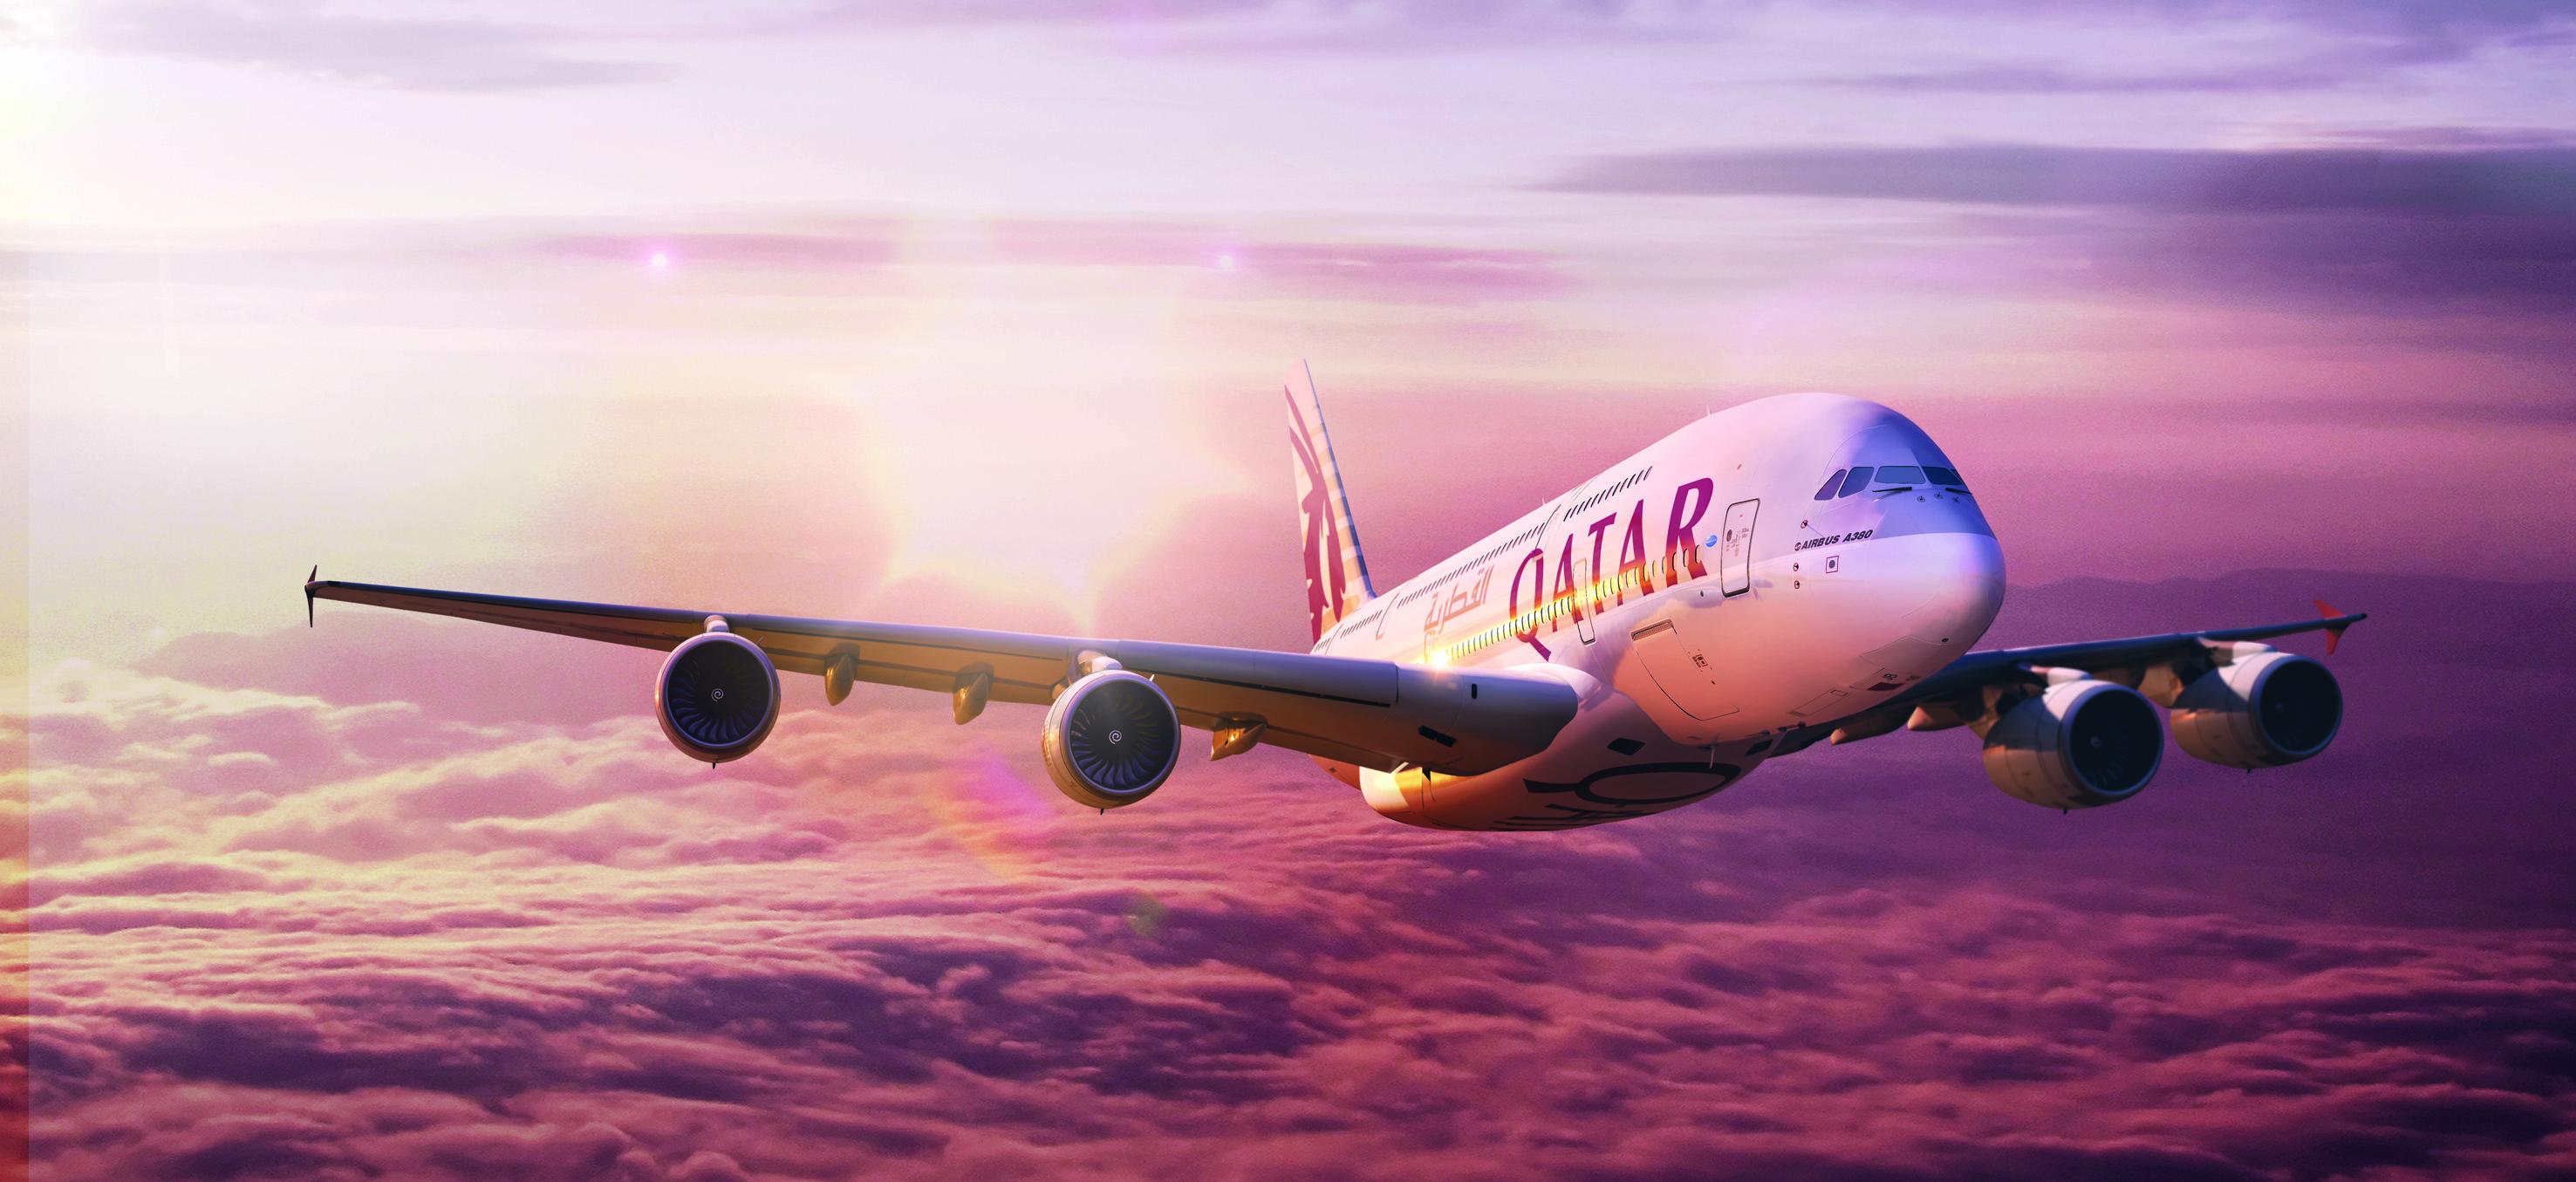 Cele mai lungi zboruri non-stop din lume ar putea fi operate de către compania Qatar Airways